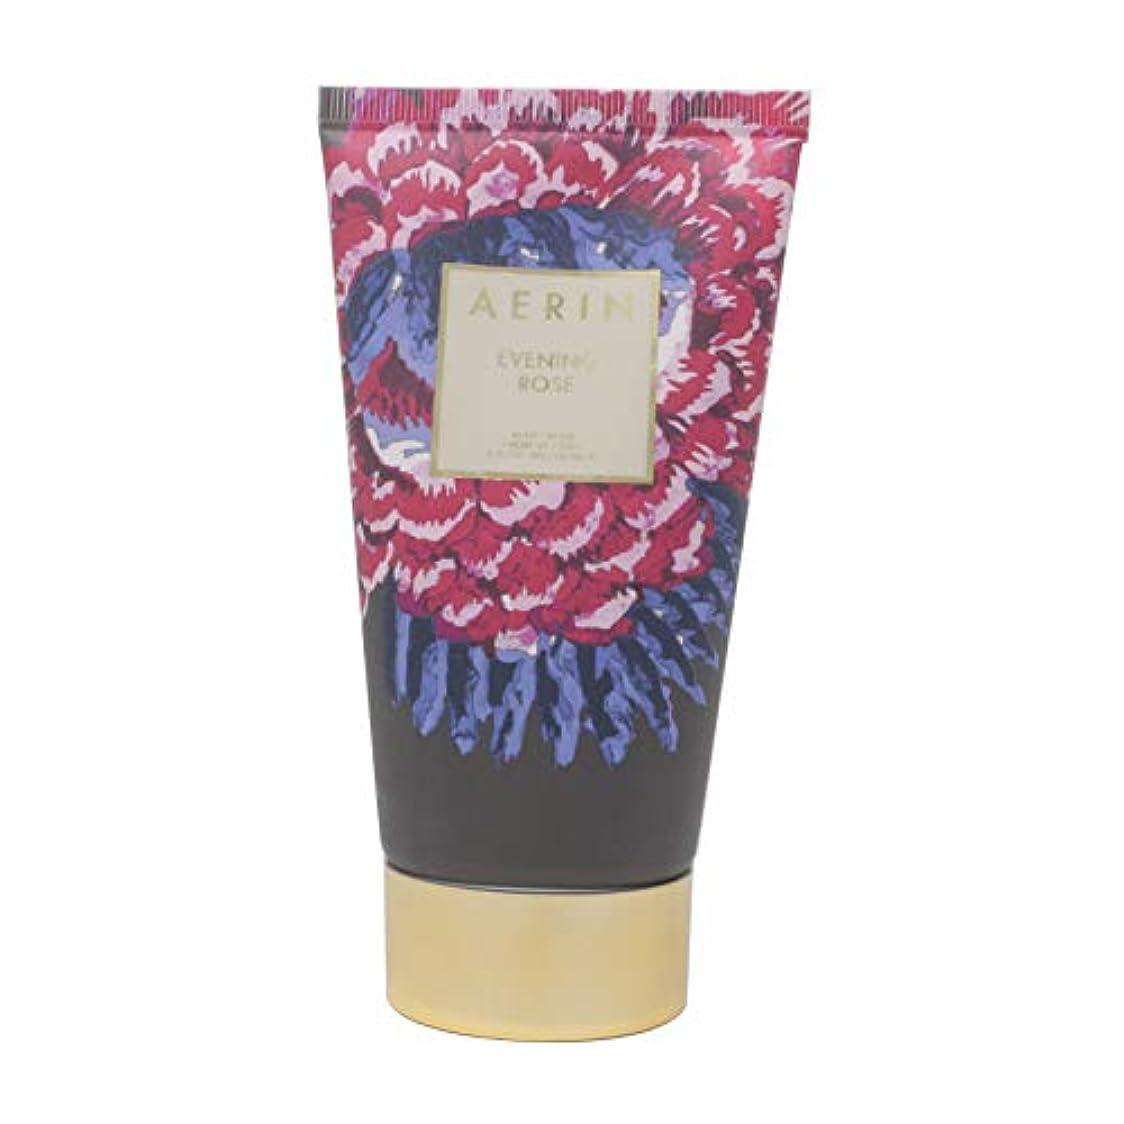 無関心故障中グリットAERIN 'Evening Rose' (アエリン イブニング ローズ) 5.0 oz (150ml) Body Cream ボディークリーム by Estee Lauder for Women